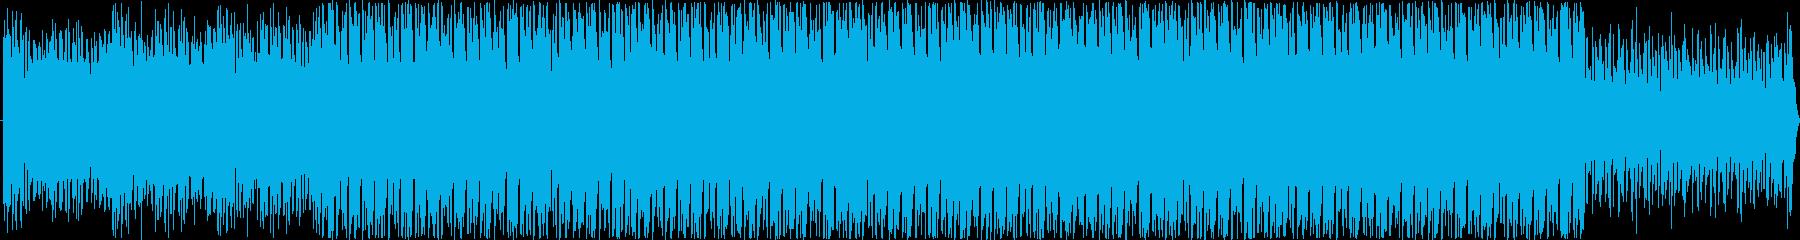 ワクワクする明るくリズミカルなBGMの再生済みの波形